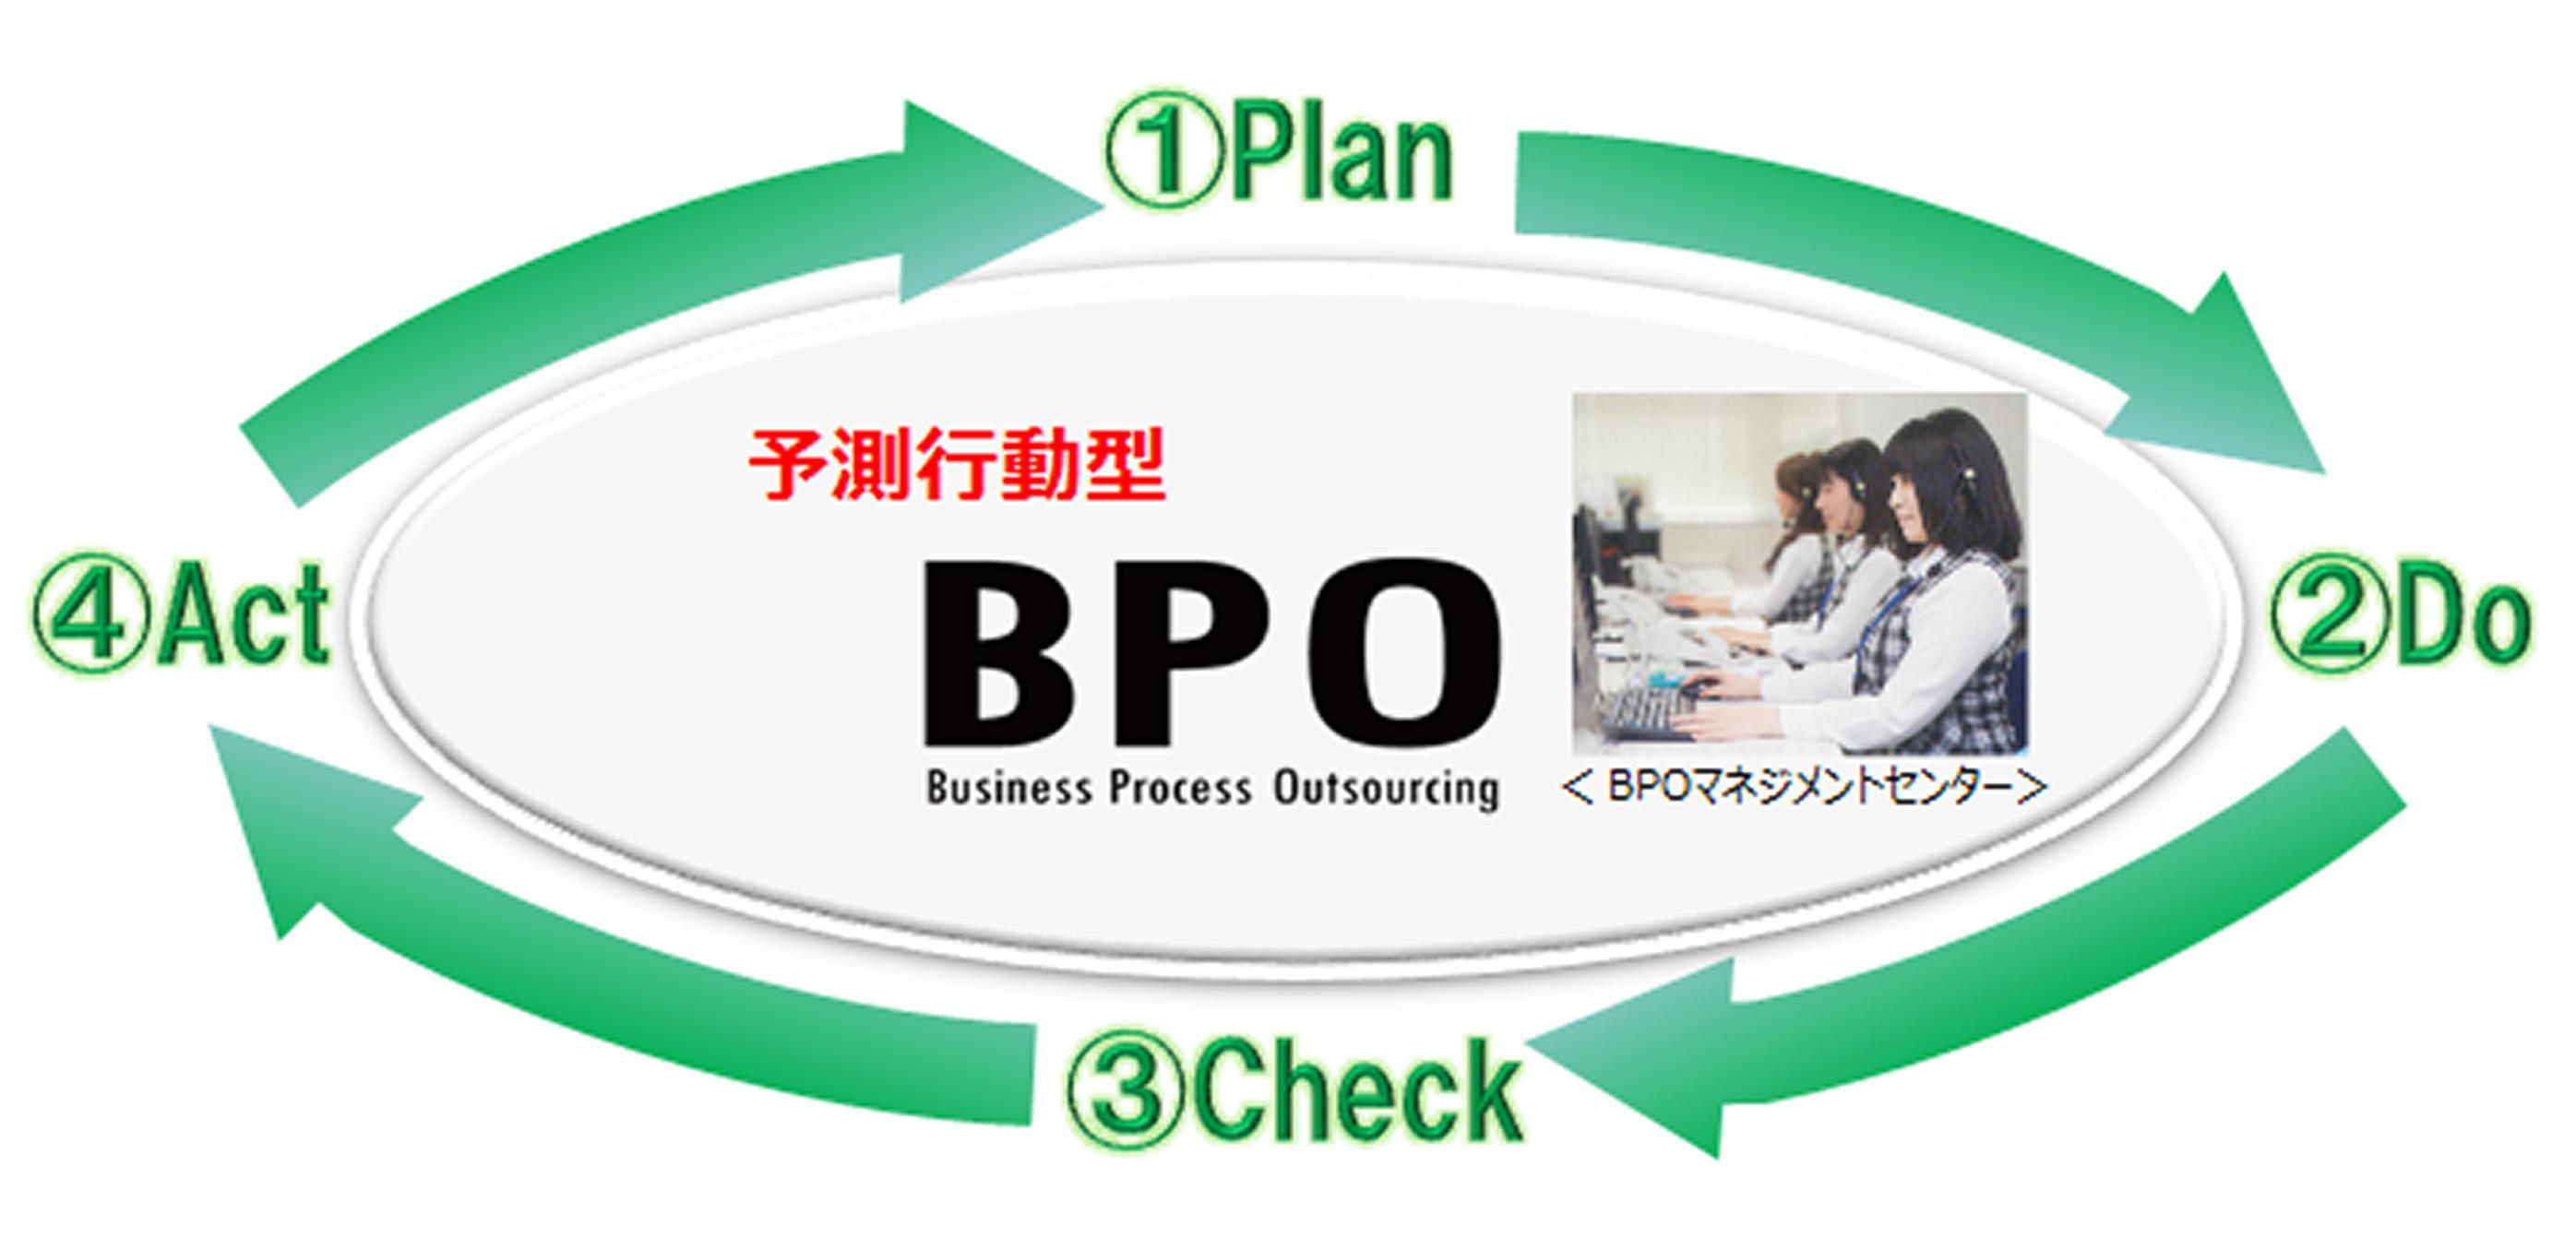 bpo_new_image.jpg